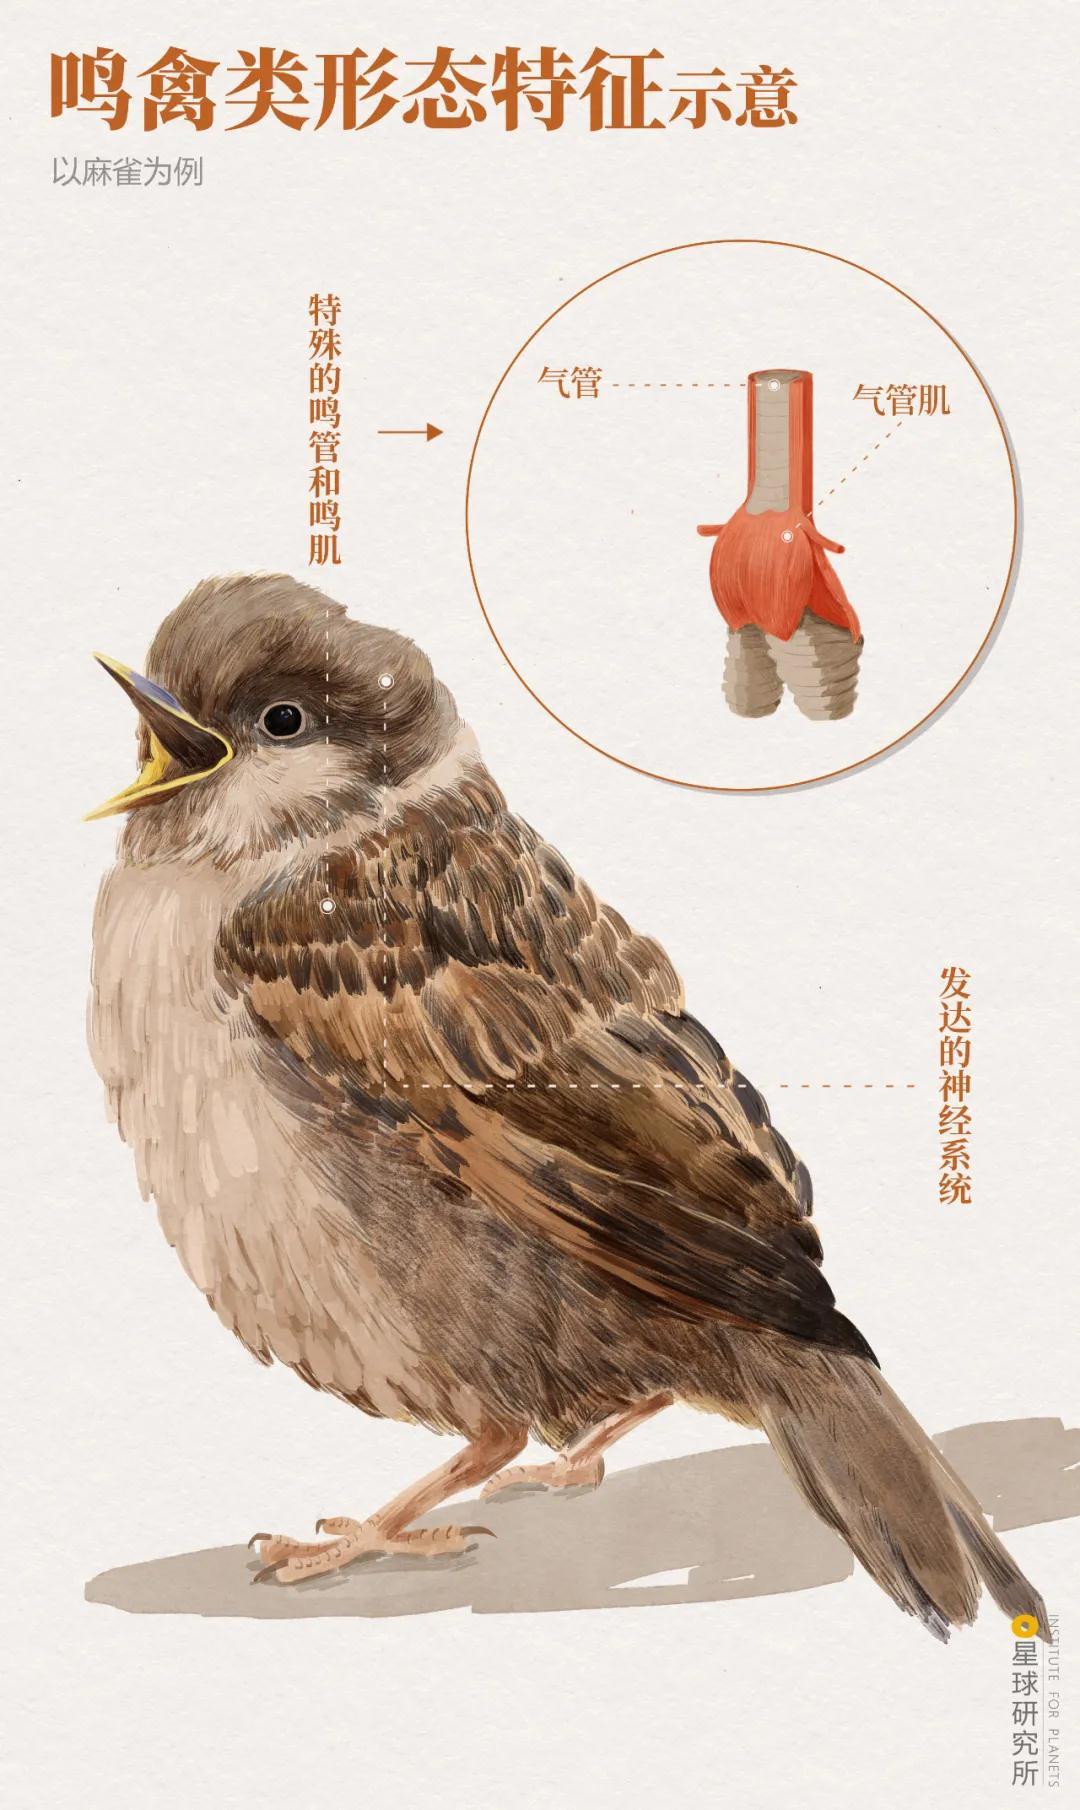 林草科普|1400多种中国鸟,你认识多少?